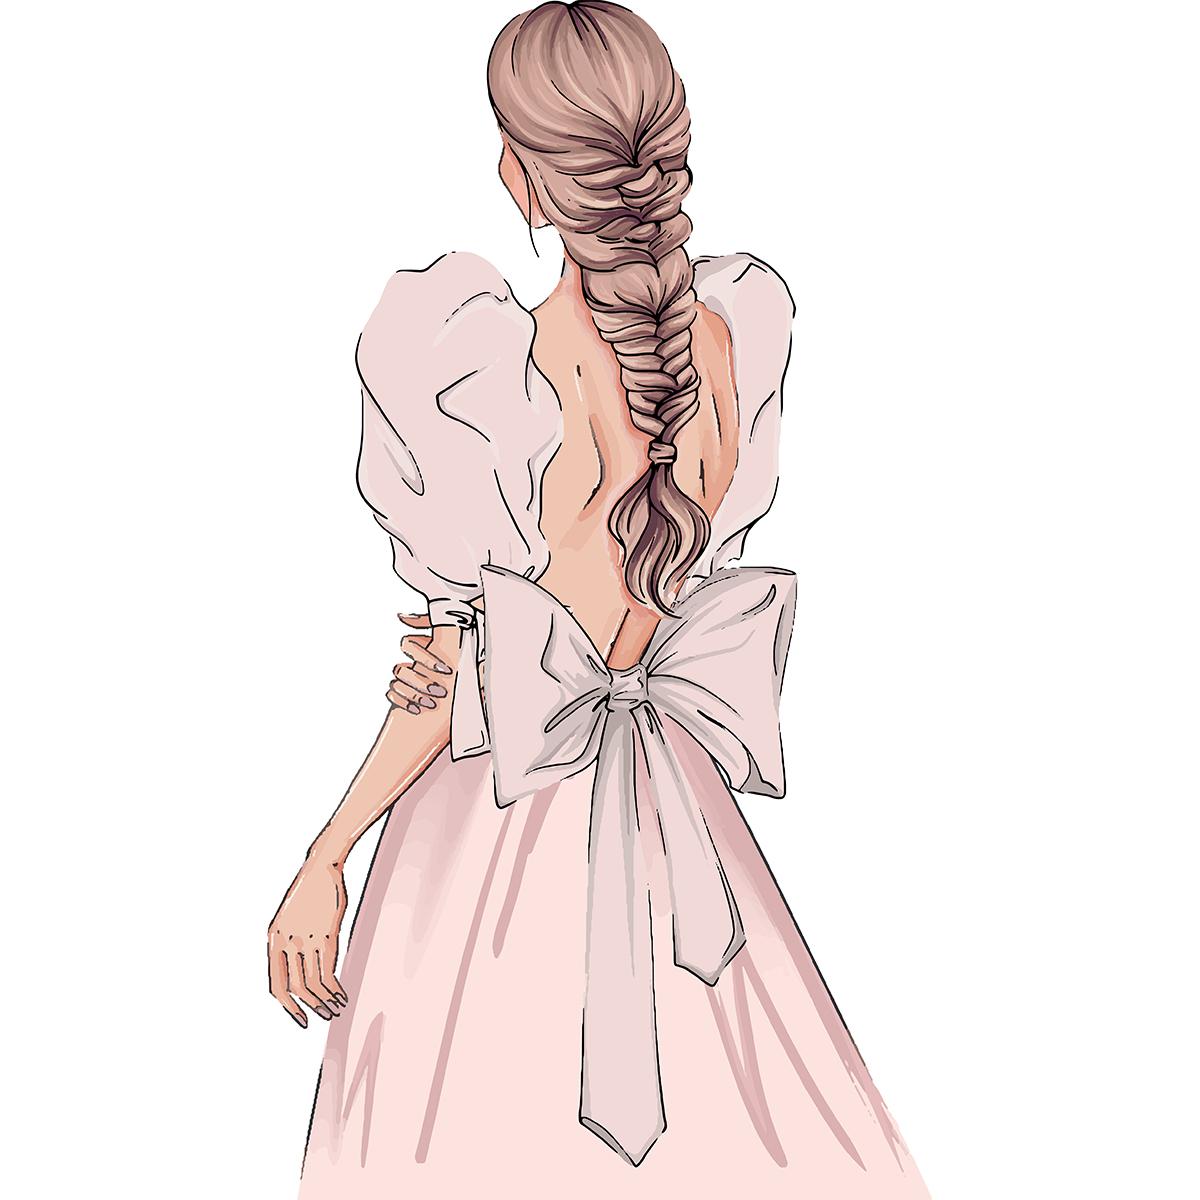 12 màu sắc trang phục tiết lộ tính cách bạn gái - 7